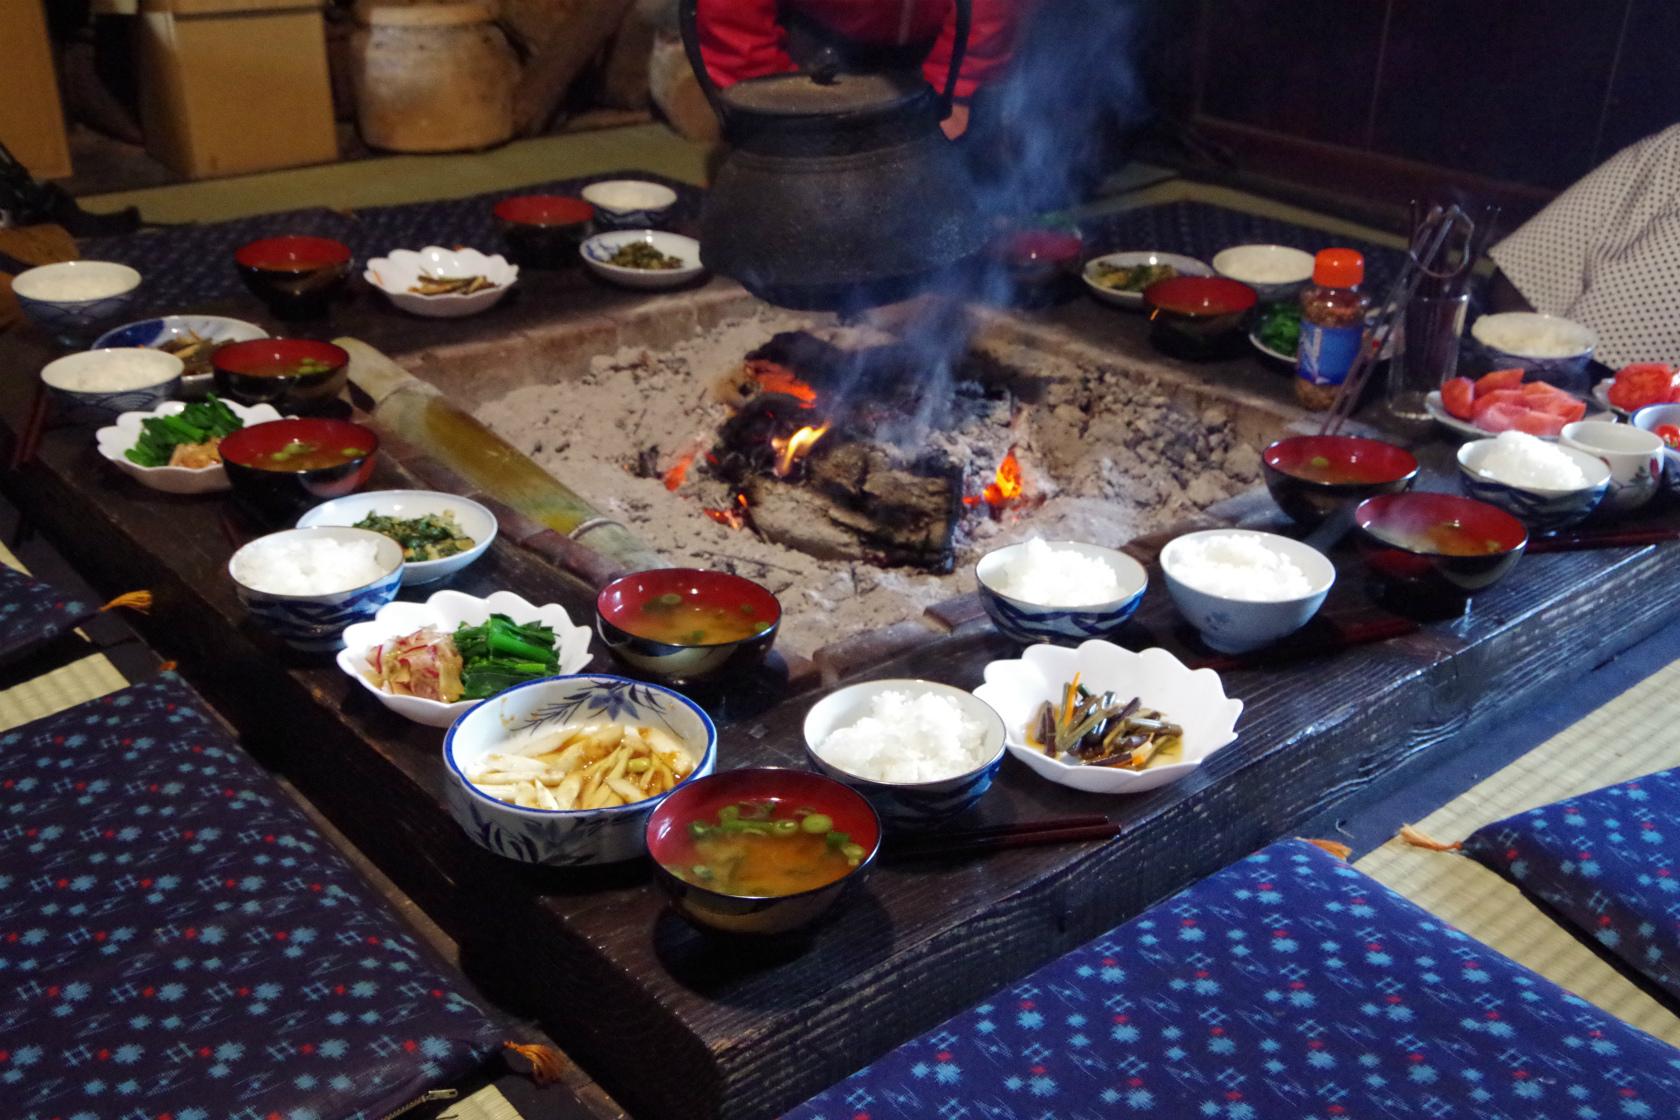 畑作業と囲炉裏を囲んで朝ごはん。西蒲区の「まきどき村」で豊かな日曜日